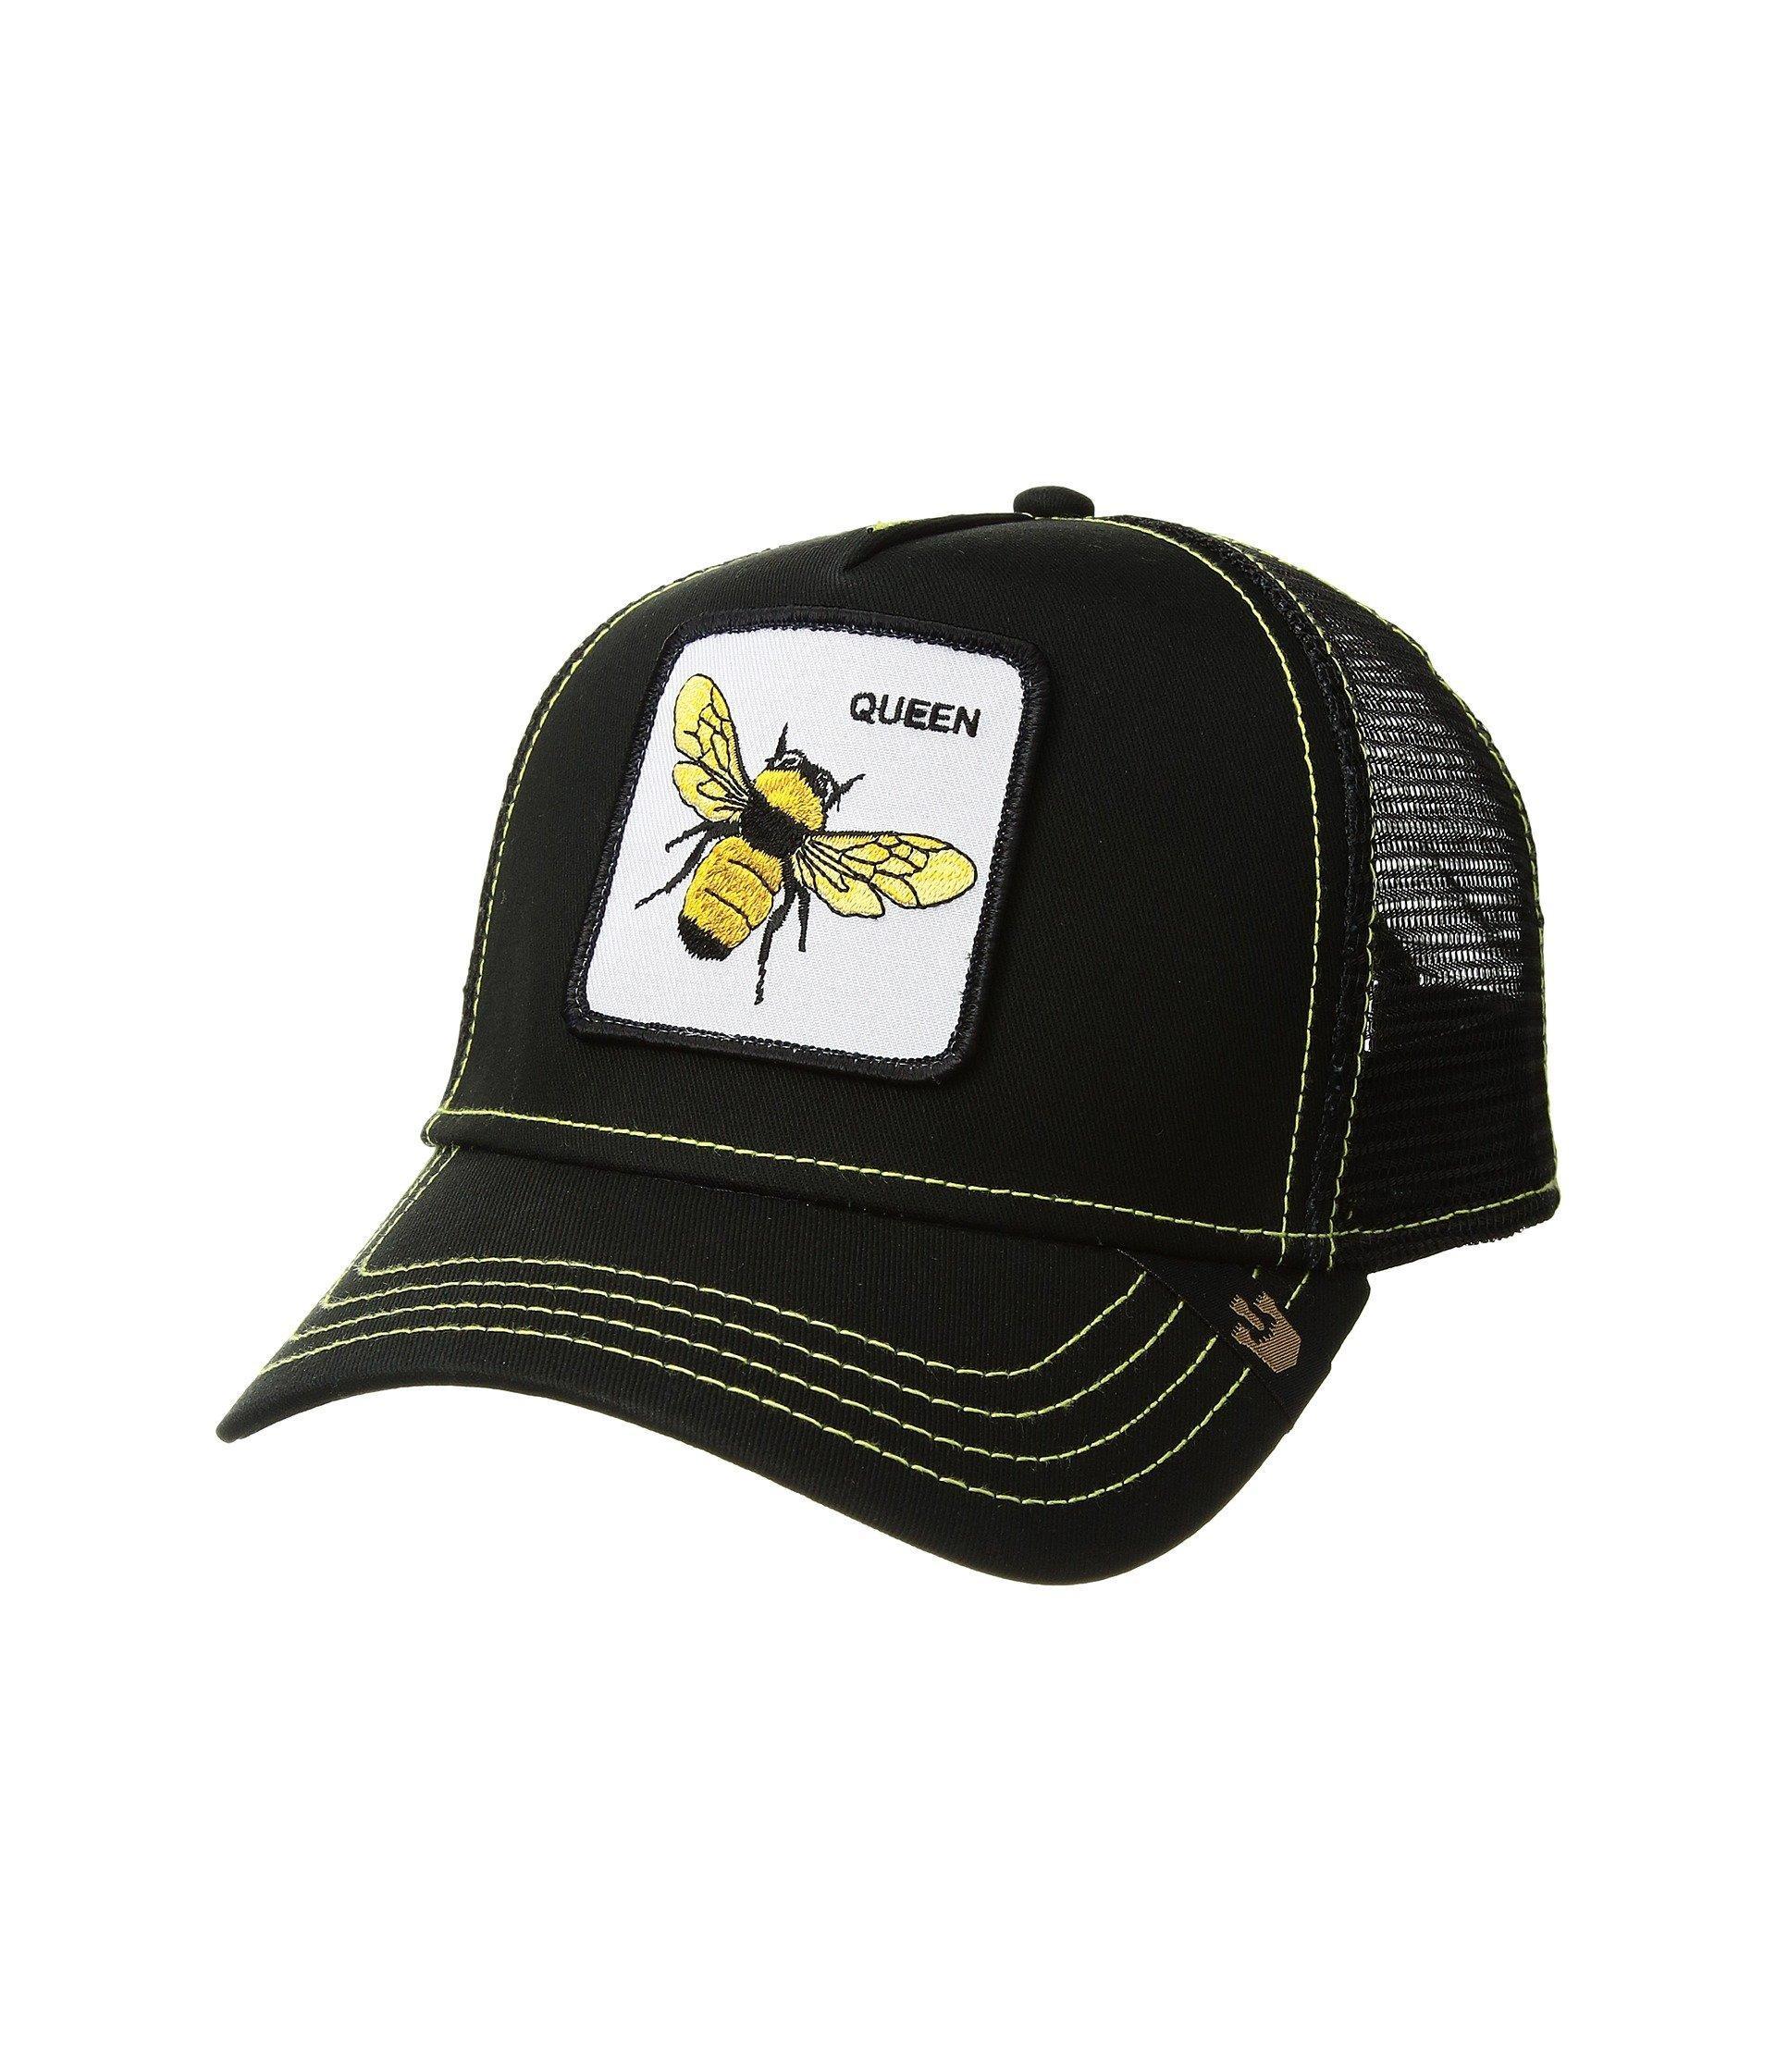 241425d06b2602 Goorin Bros Queen Bee Hat in Black for Men - Lyst